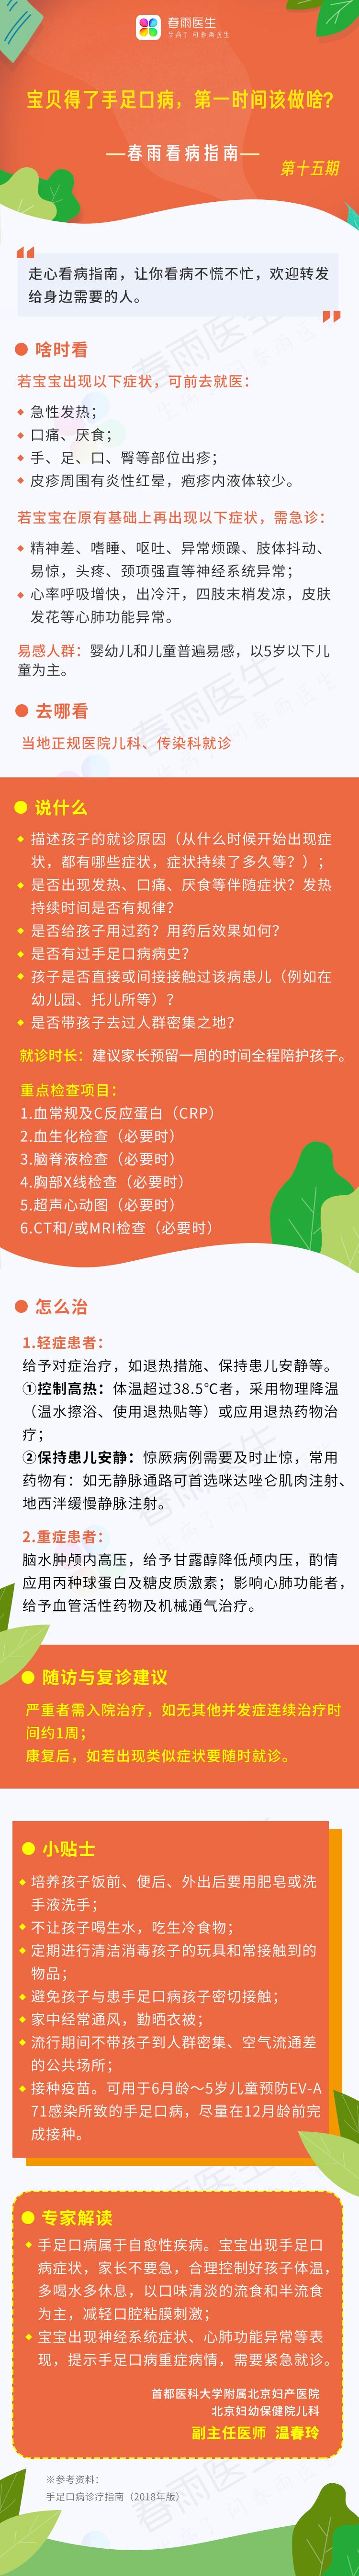 春雨看病指南-第15期-final.jpg